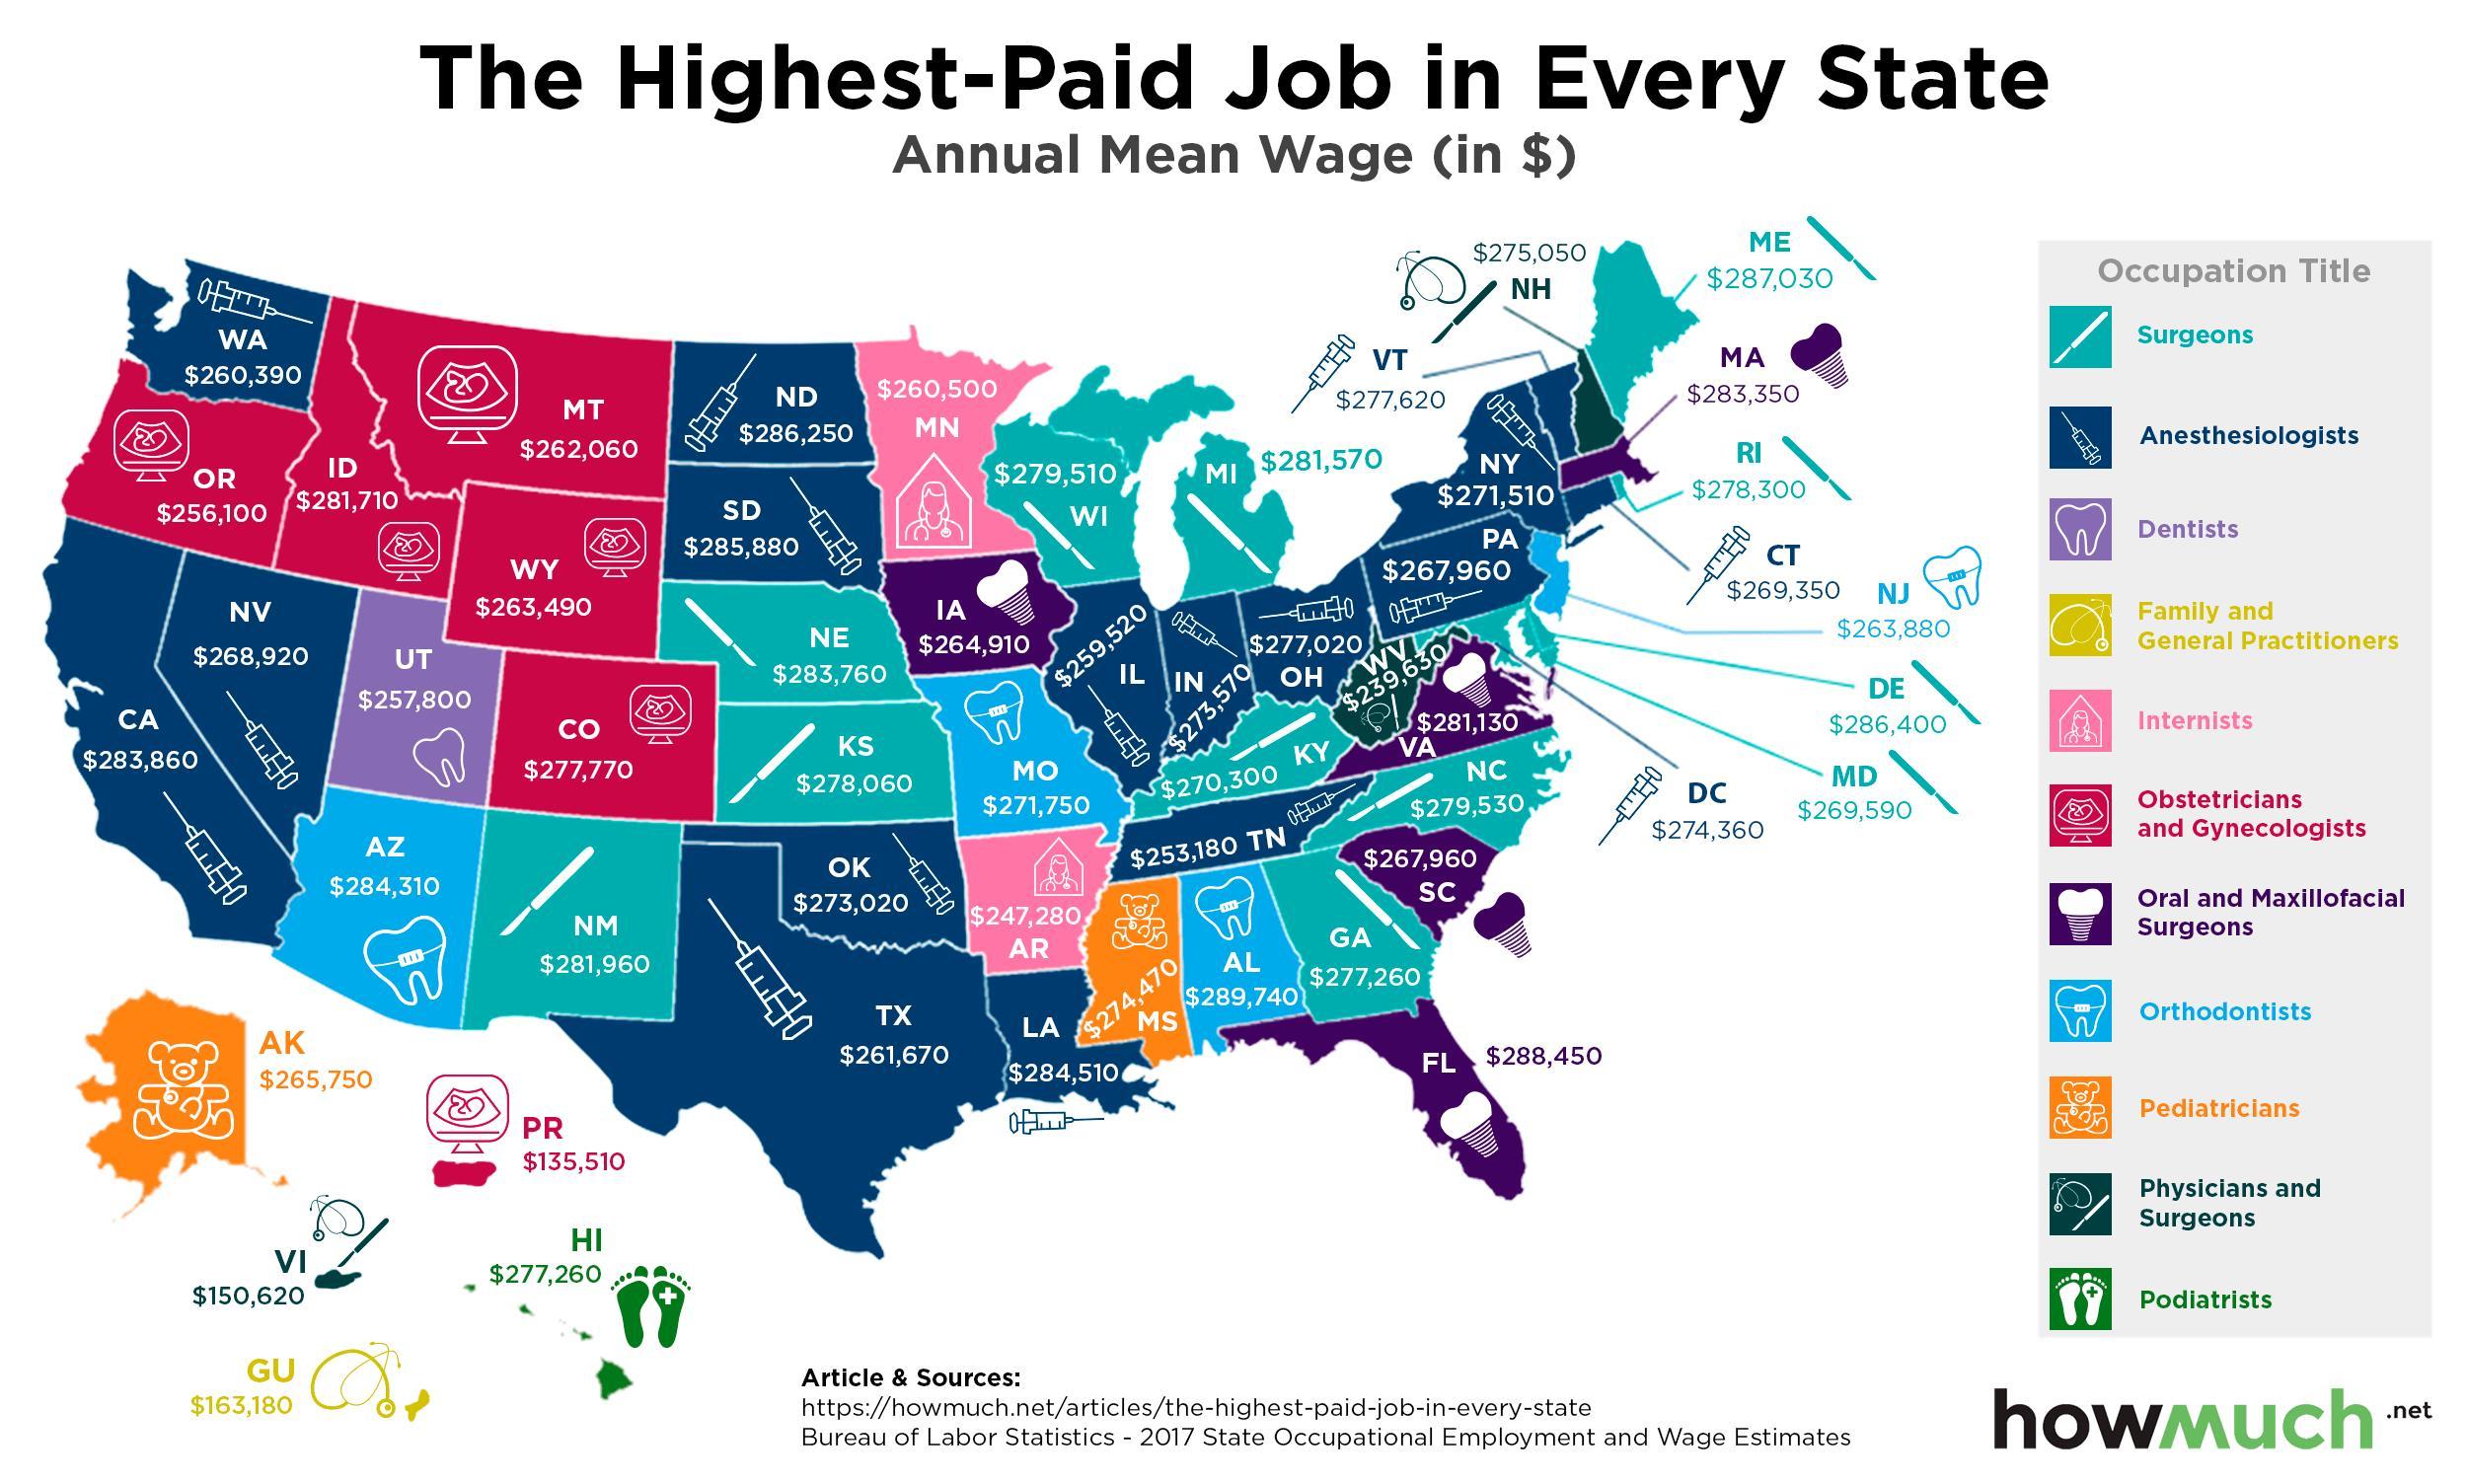 Самая высокооплачиваемая работа в каждом штате